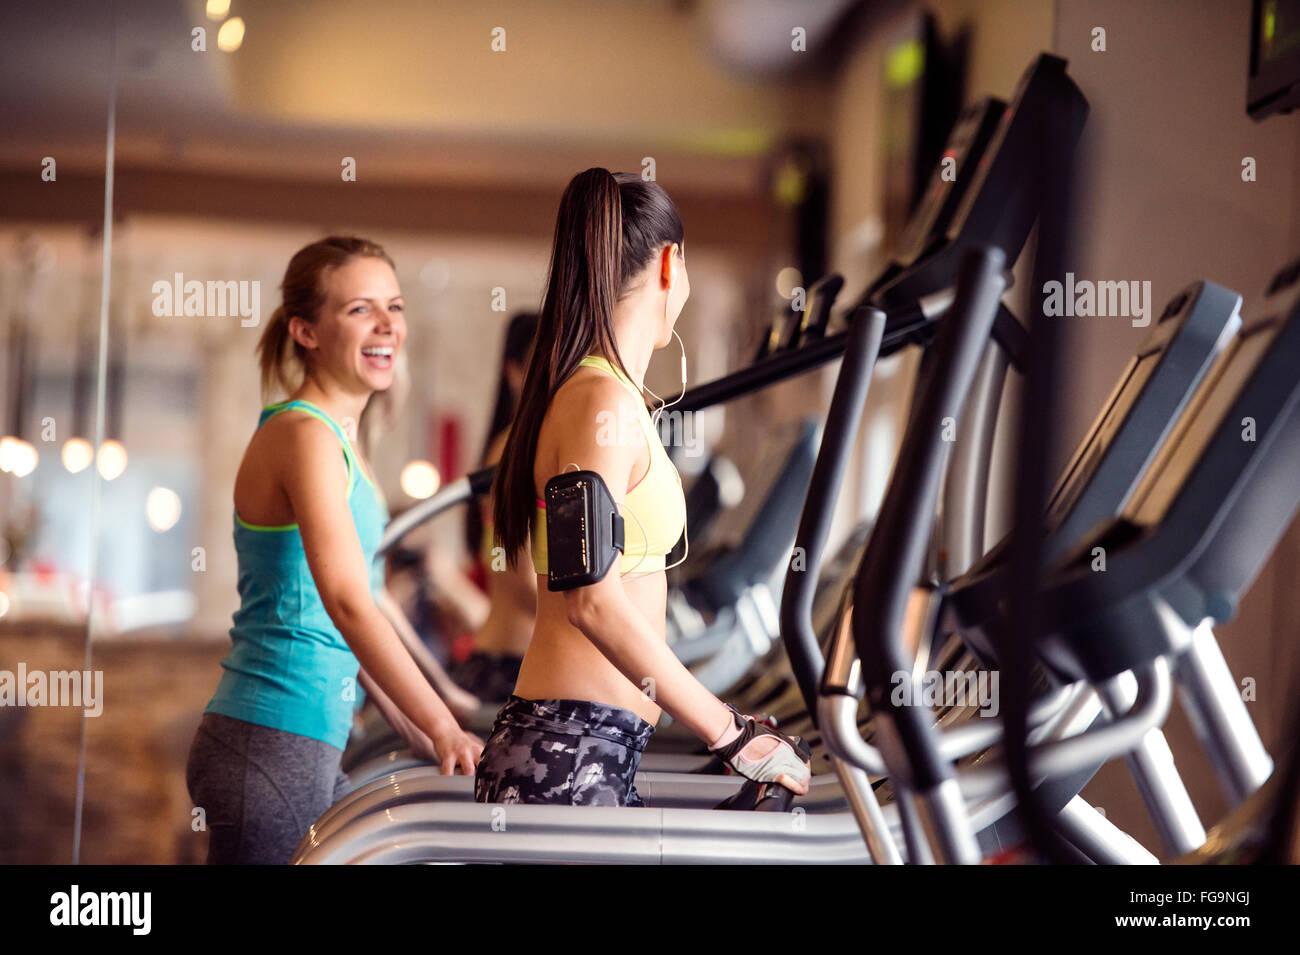 Deux femmes s'exécutant sur des tapis roulants dans la salle de sport moderne Photo Stock